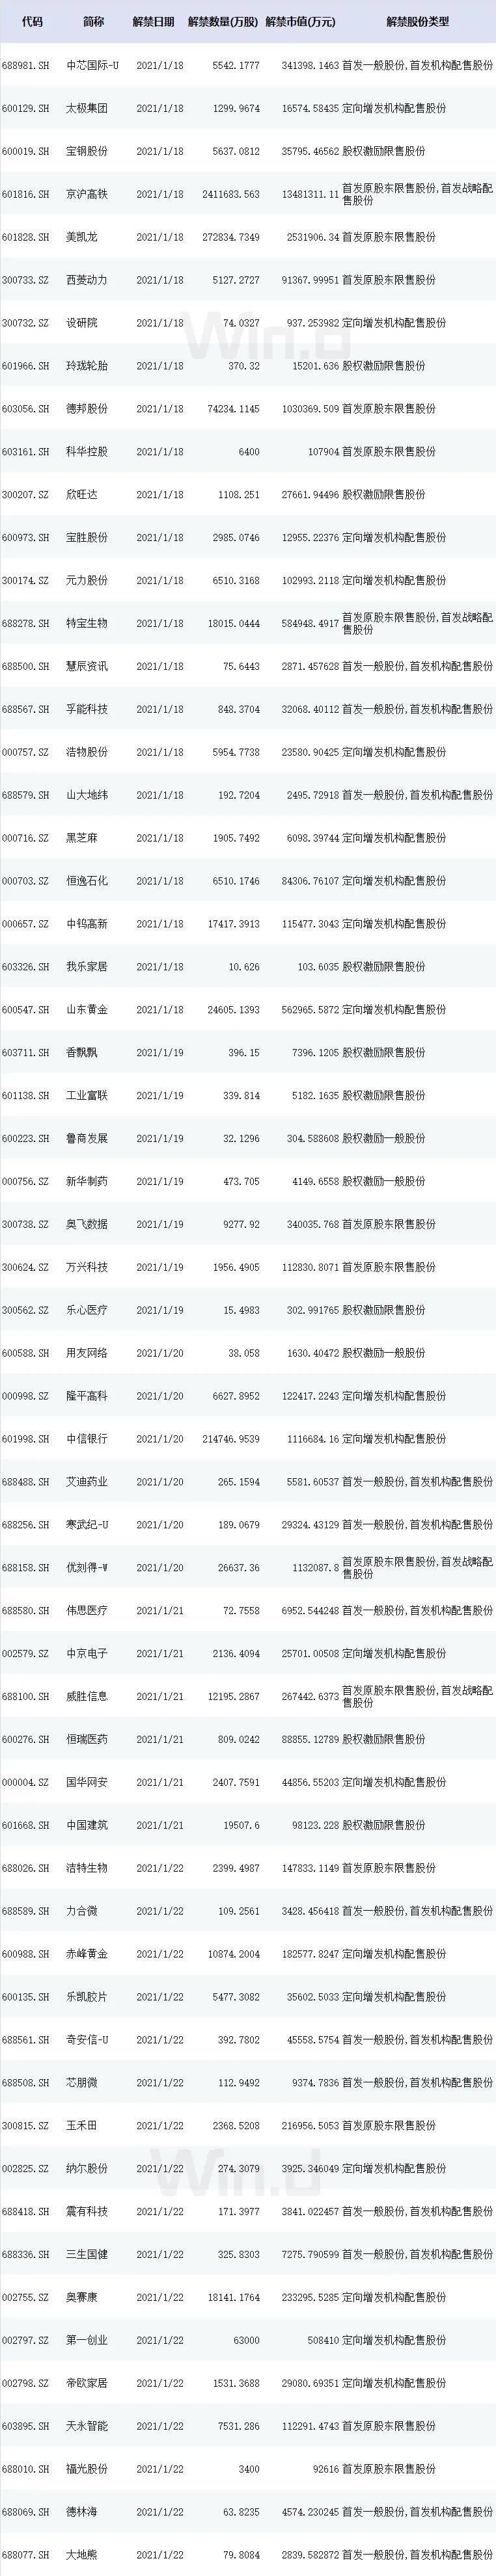 本周操盘攻略:年报披露工作拉开序幕,解禁市值升至2400亿元